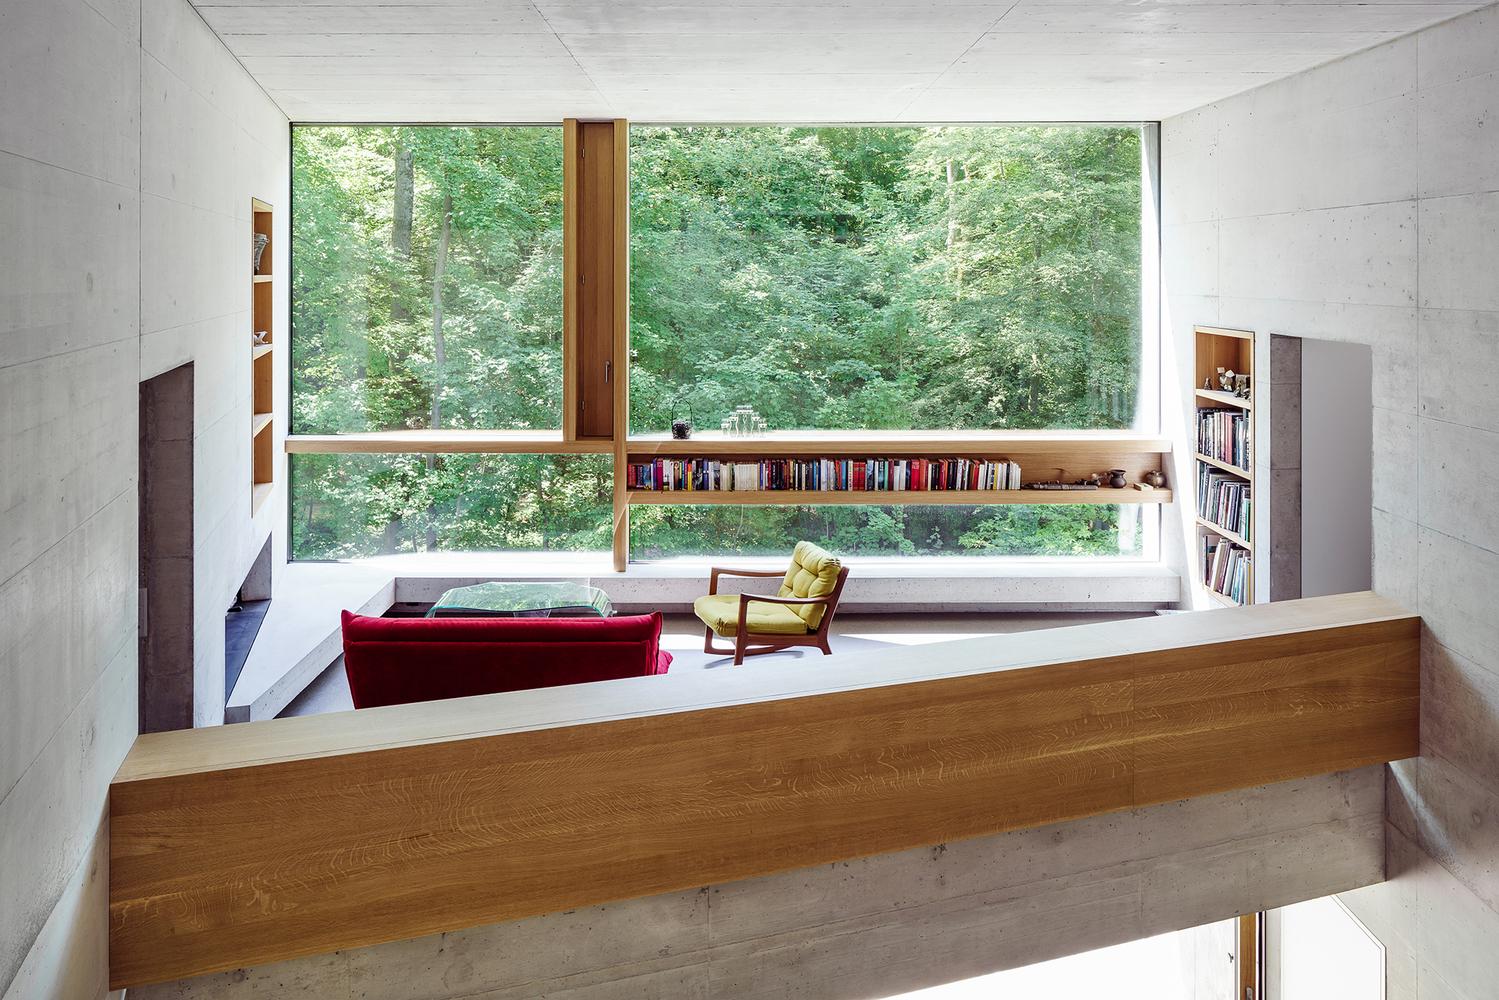 3_Casa Forest_Daluz Gonzalez Architekten_Inspirationist